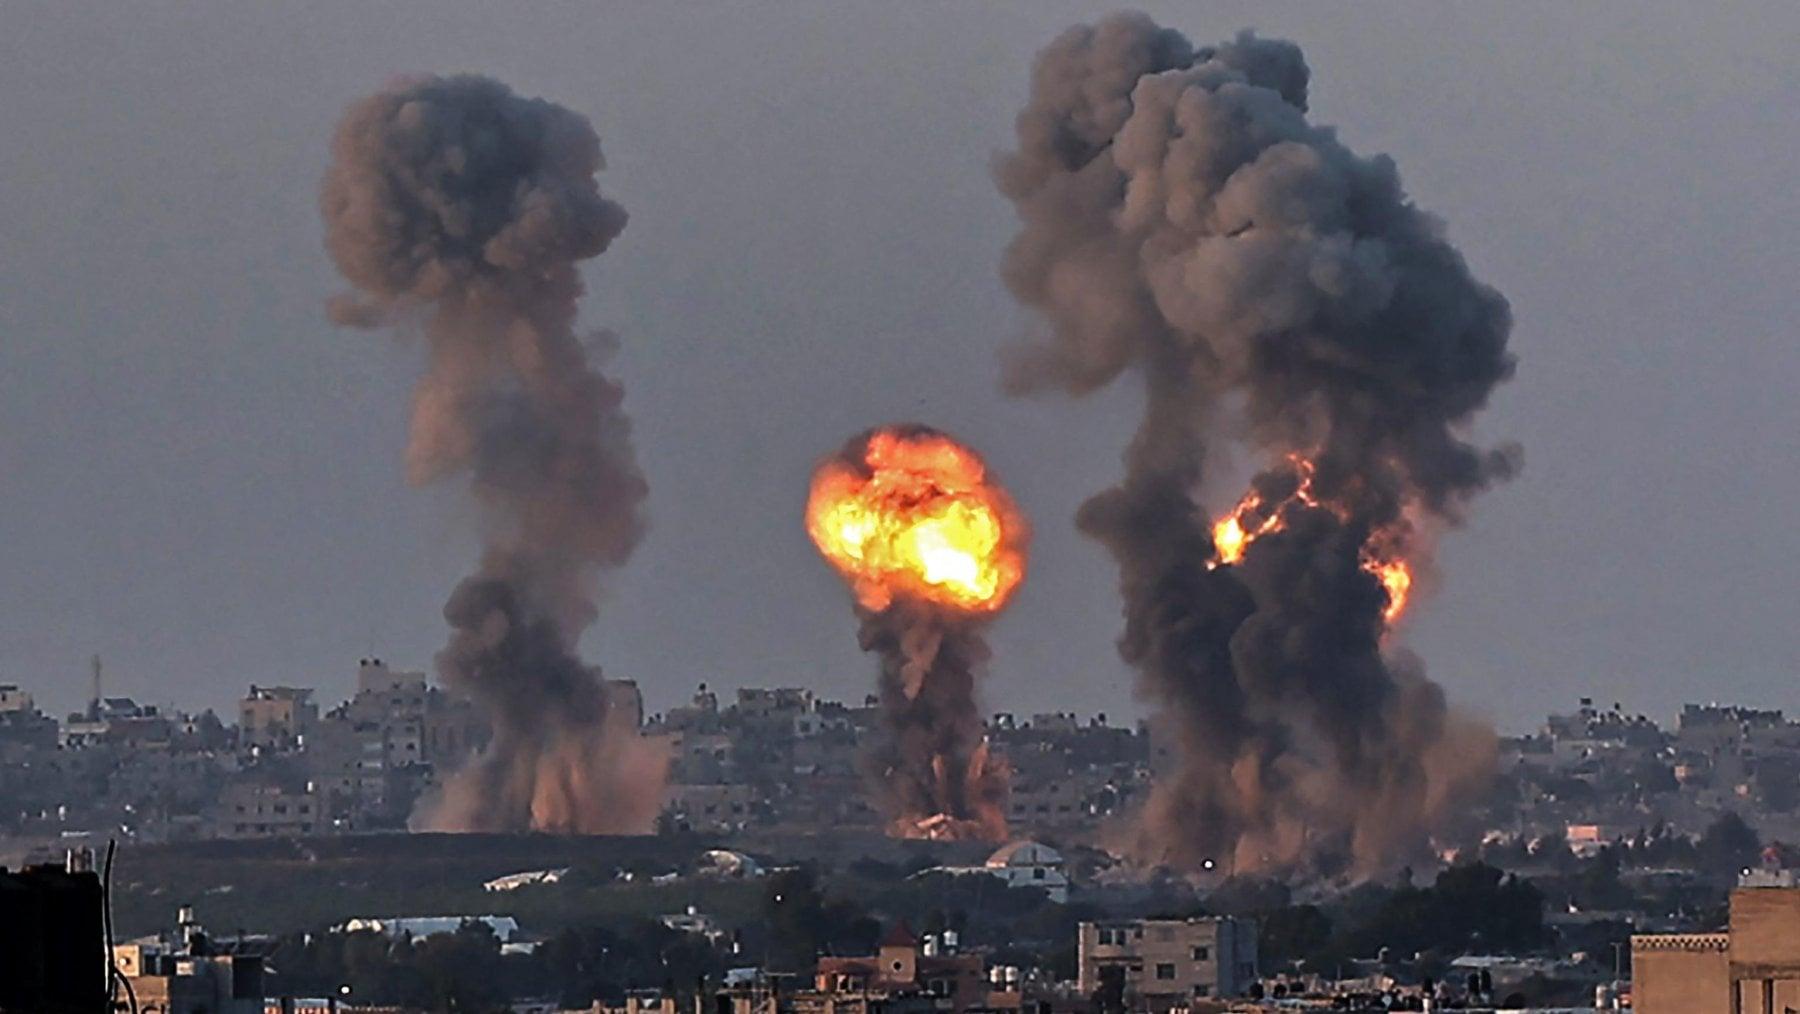 """213919048 97da0400 d7b4 4a06 8a43 32800725e53f - Medio Oriente, l'esercito israeliano attacca Gaza con aviazione e carri armati. Netanyahu: """"Andremo avanti per tutto il tempo necessario"""""""